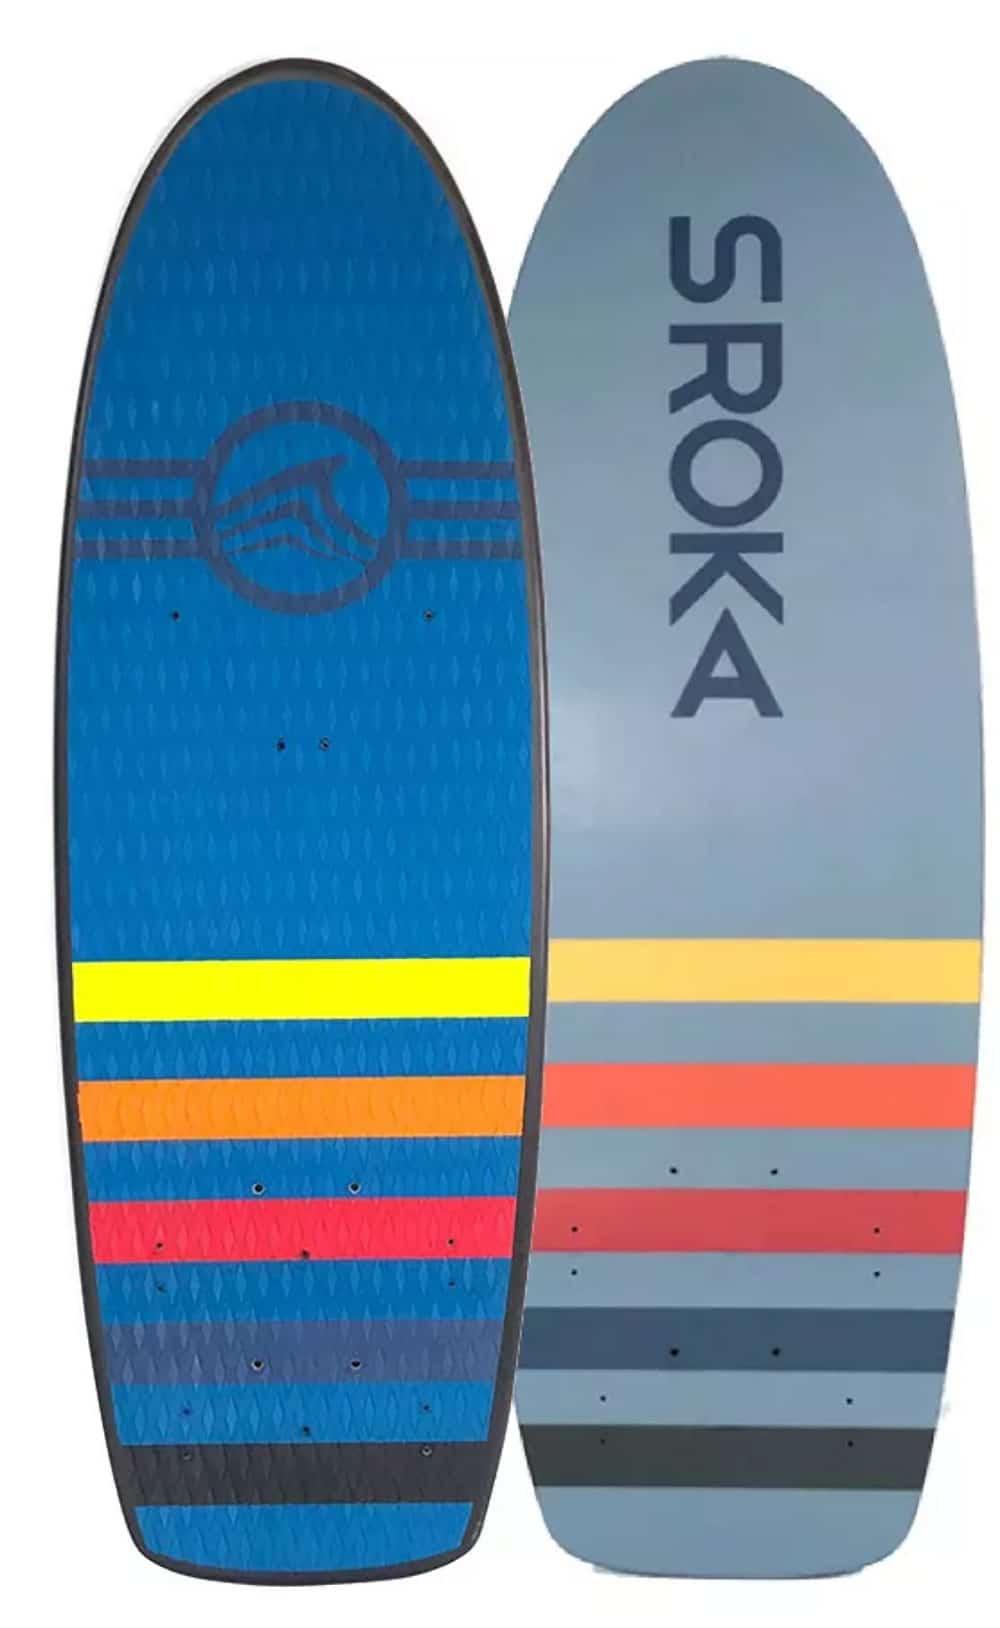 La Pocket Board, un Kitefoil et un Wakefoil de chez Sroka Compagny